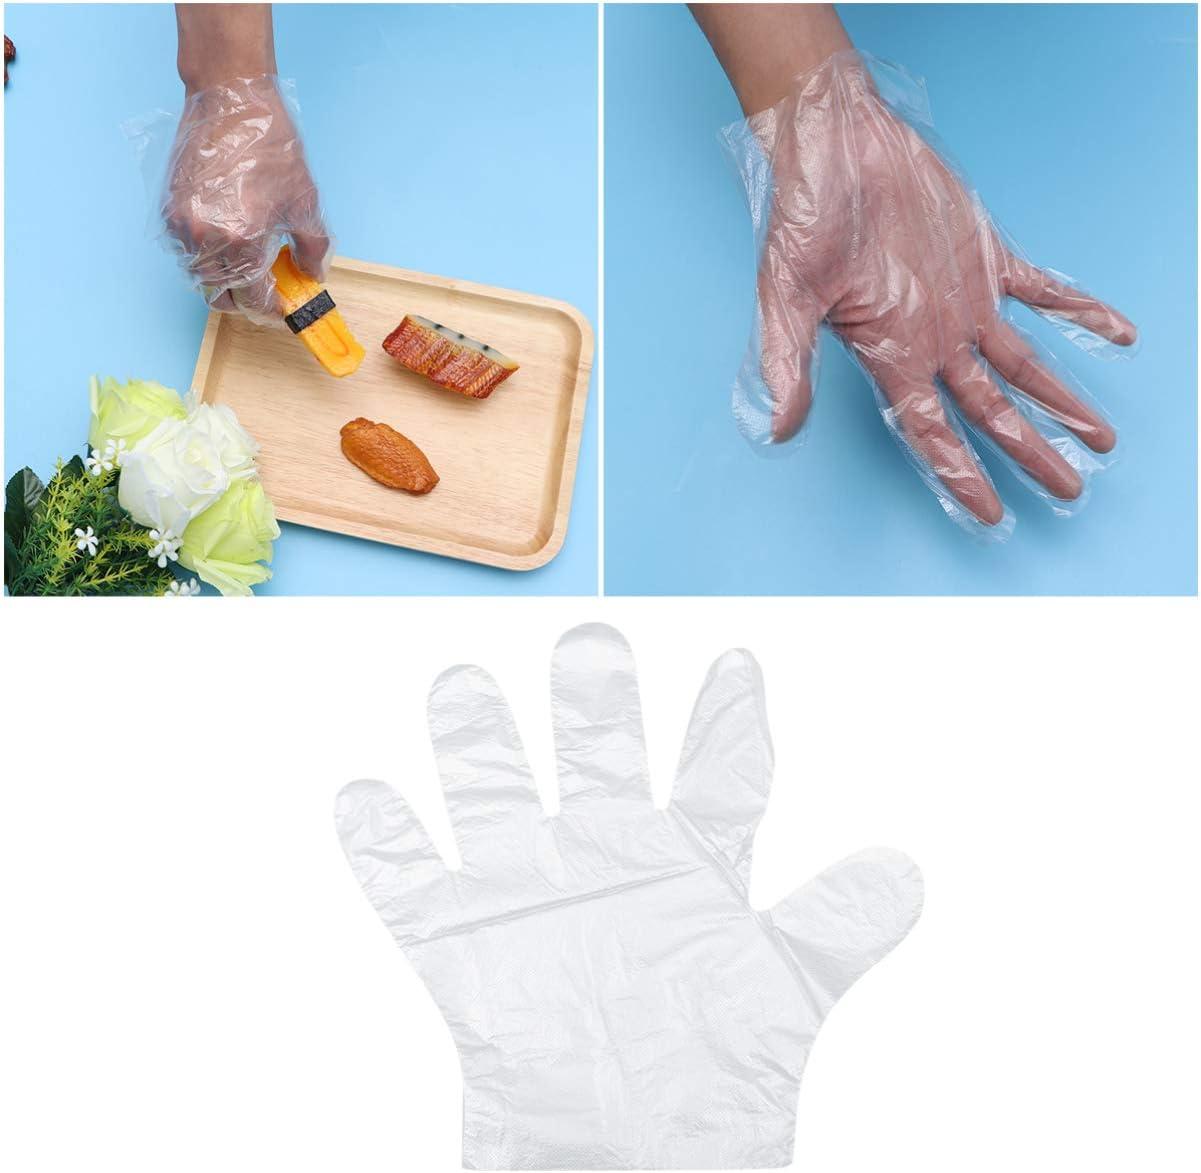 NONE 1500 Piezas de Guantes de Polietileno Transparente Limpieza de La Cocina Del Hogar Guantes de Pl/ástico Blanco Desechables para La Cocina Del Restaurante Talla /Única